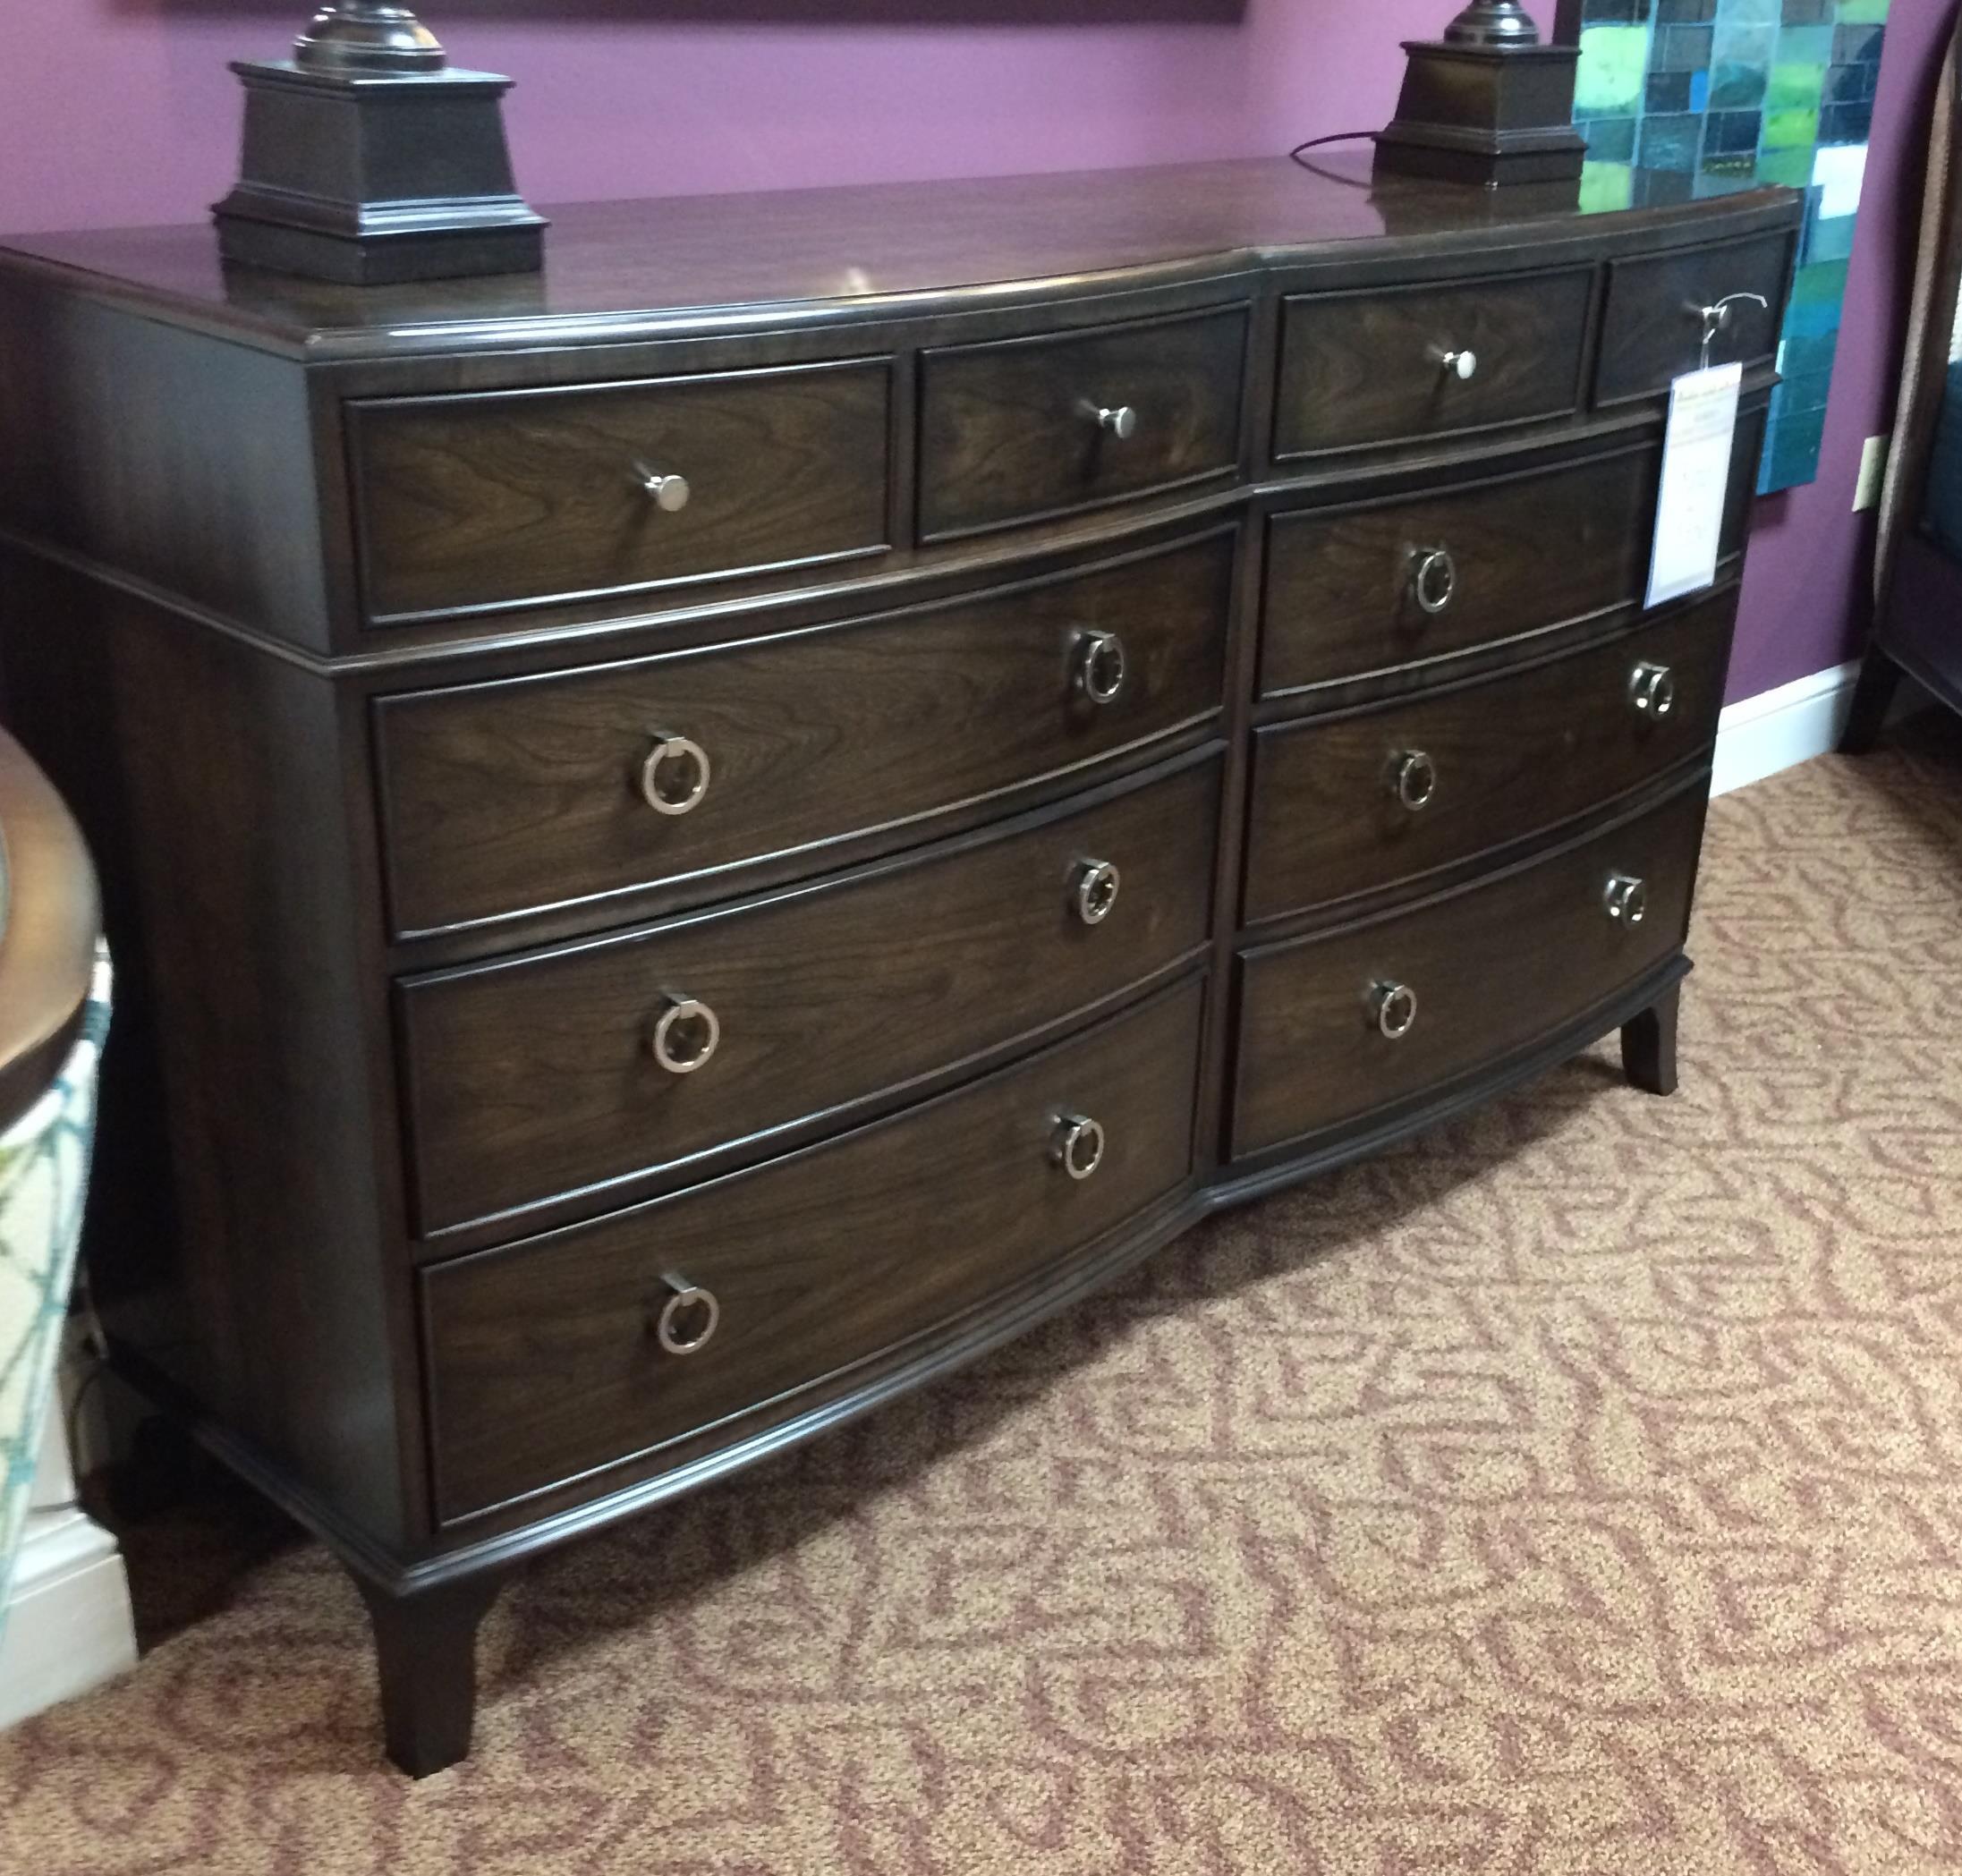 harden furniture classic cherry nuclassic triple dresser dunk u0026 bright furniture dresser